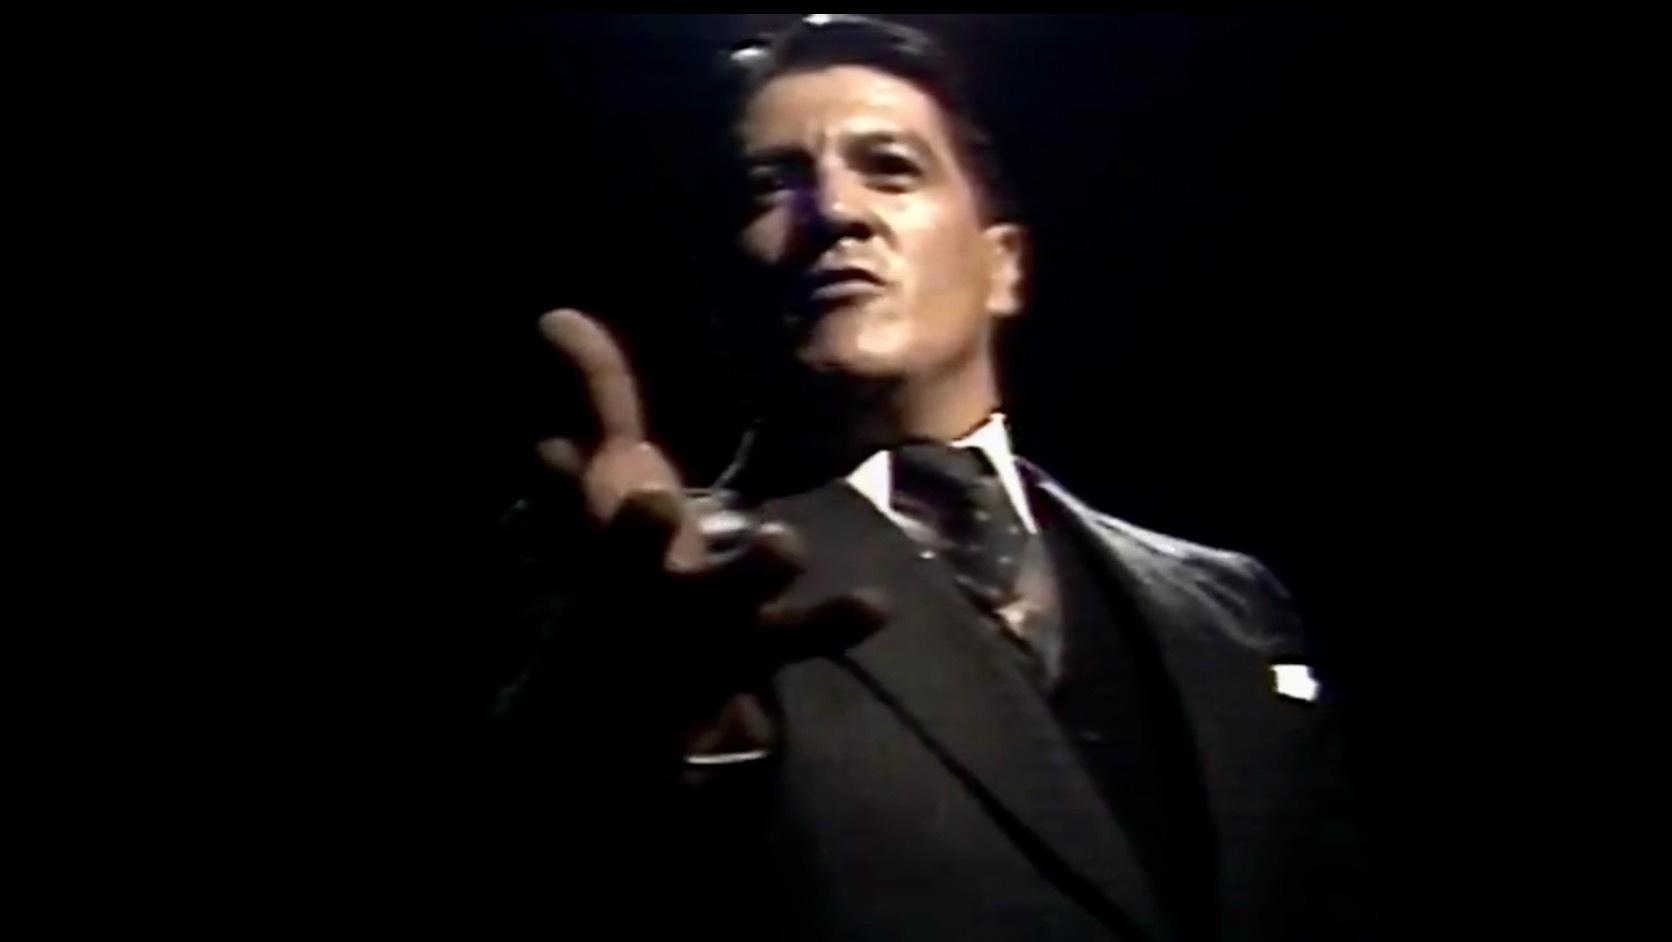 edgardo roman dando un discurso en su interpretación de Jorge Eliecer Gaitán en la miniserie El Bogotazo